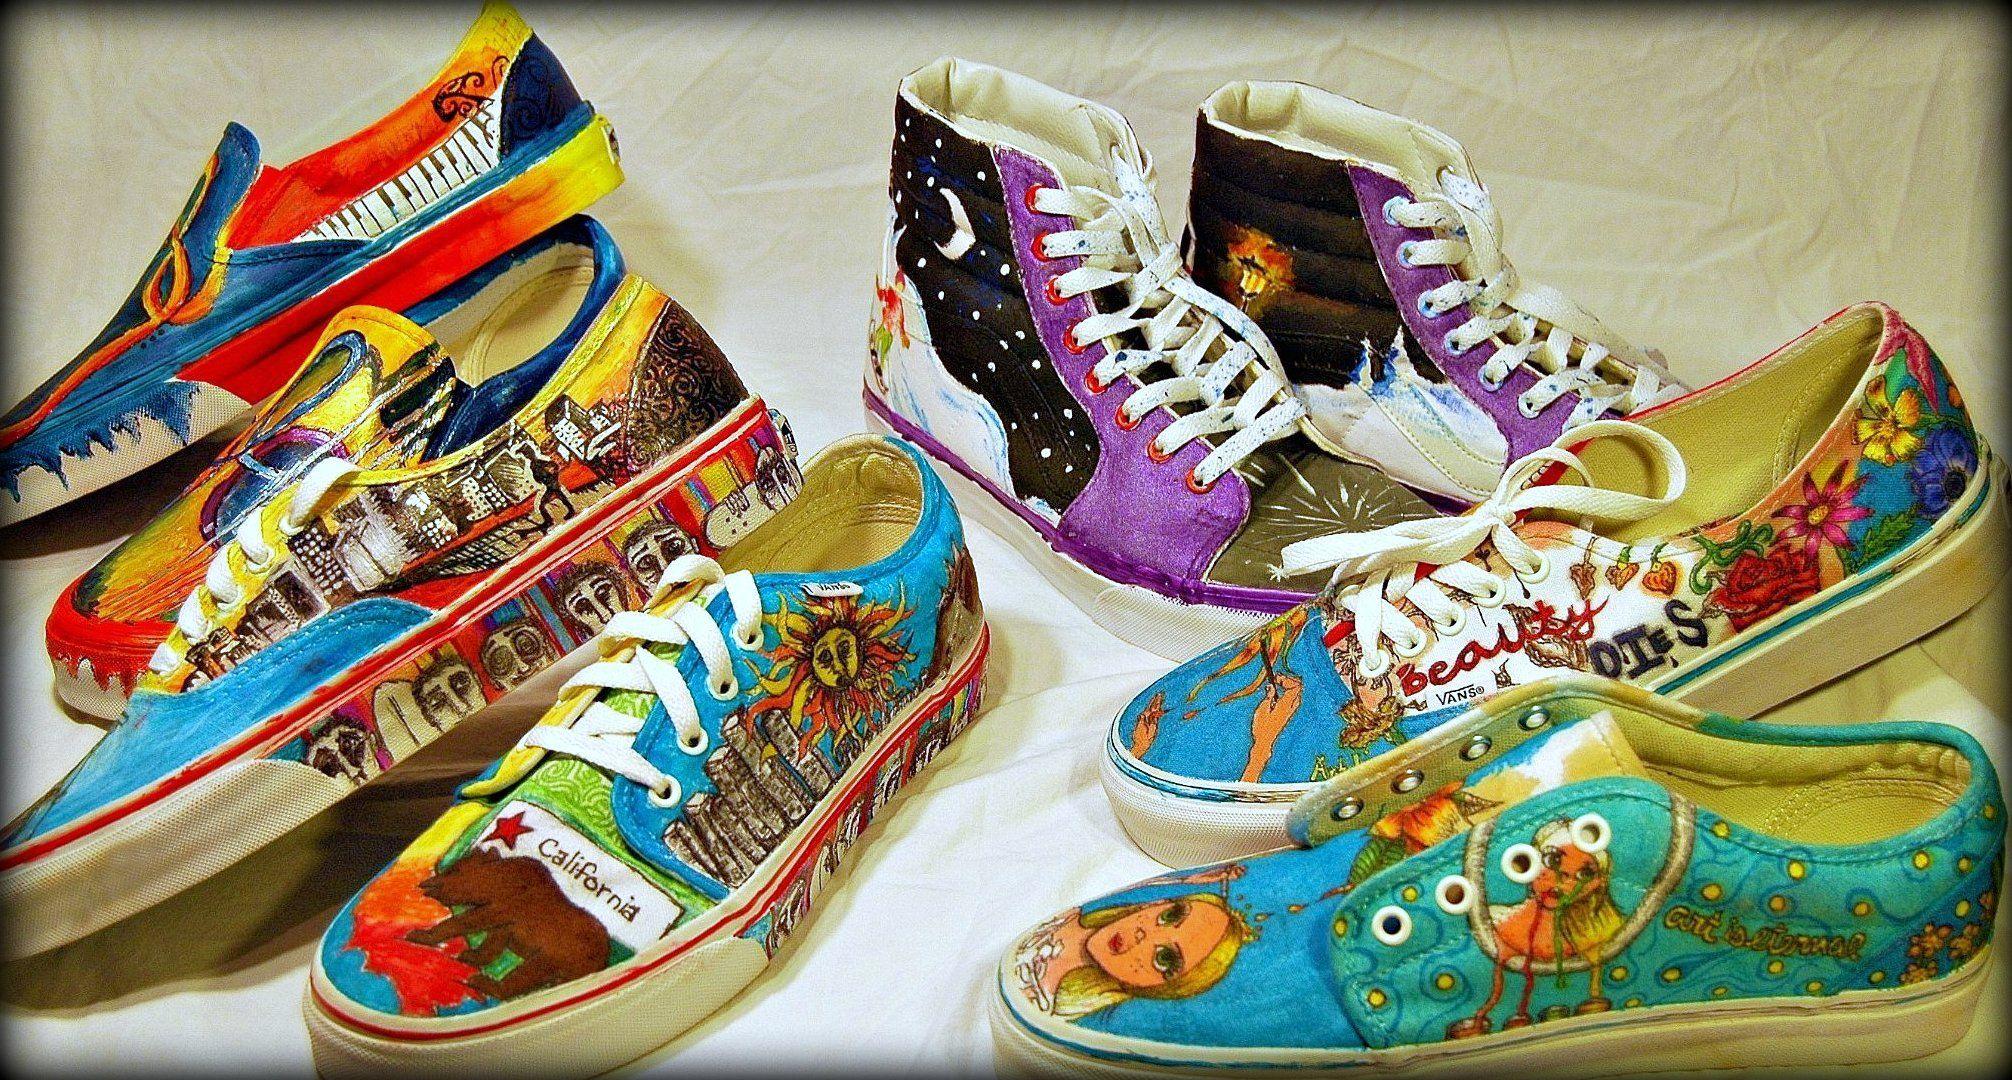 Vans Custom Culture Shoes design